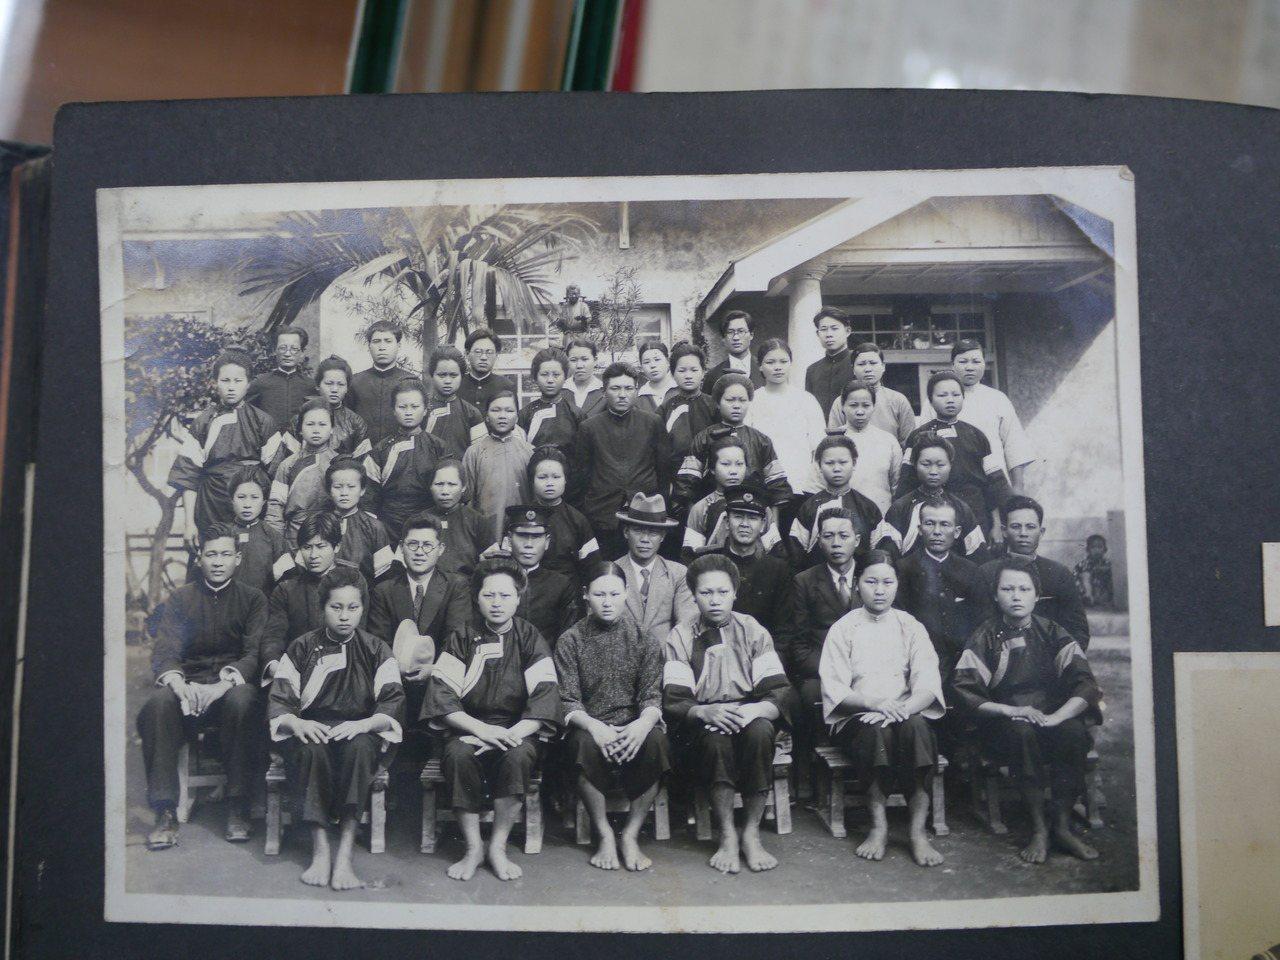 相簿照片之一,圖中女學生穿著客家藍衫。記者徐白櫻/翻攝